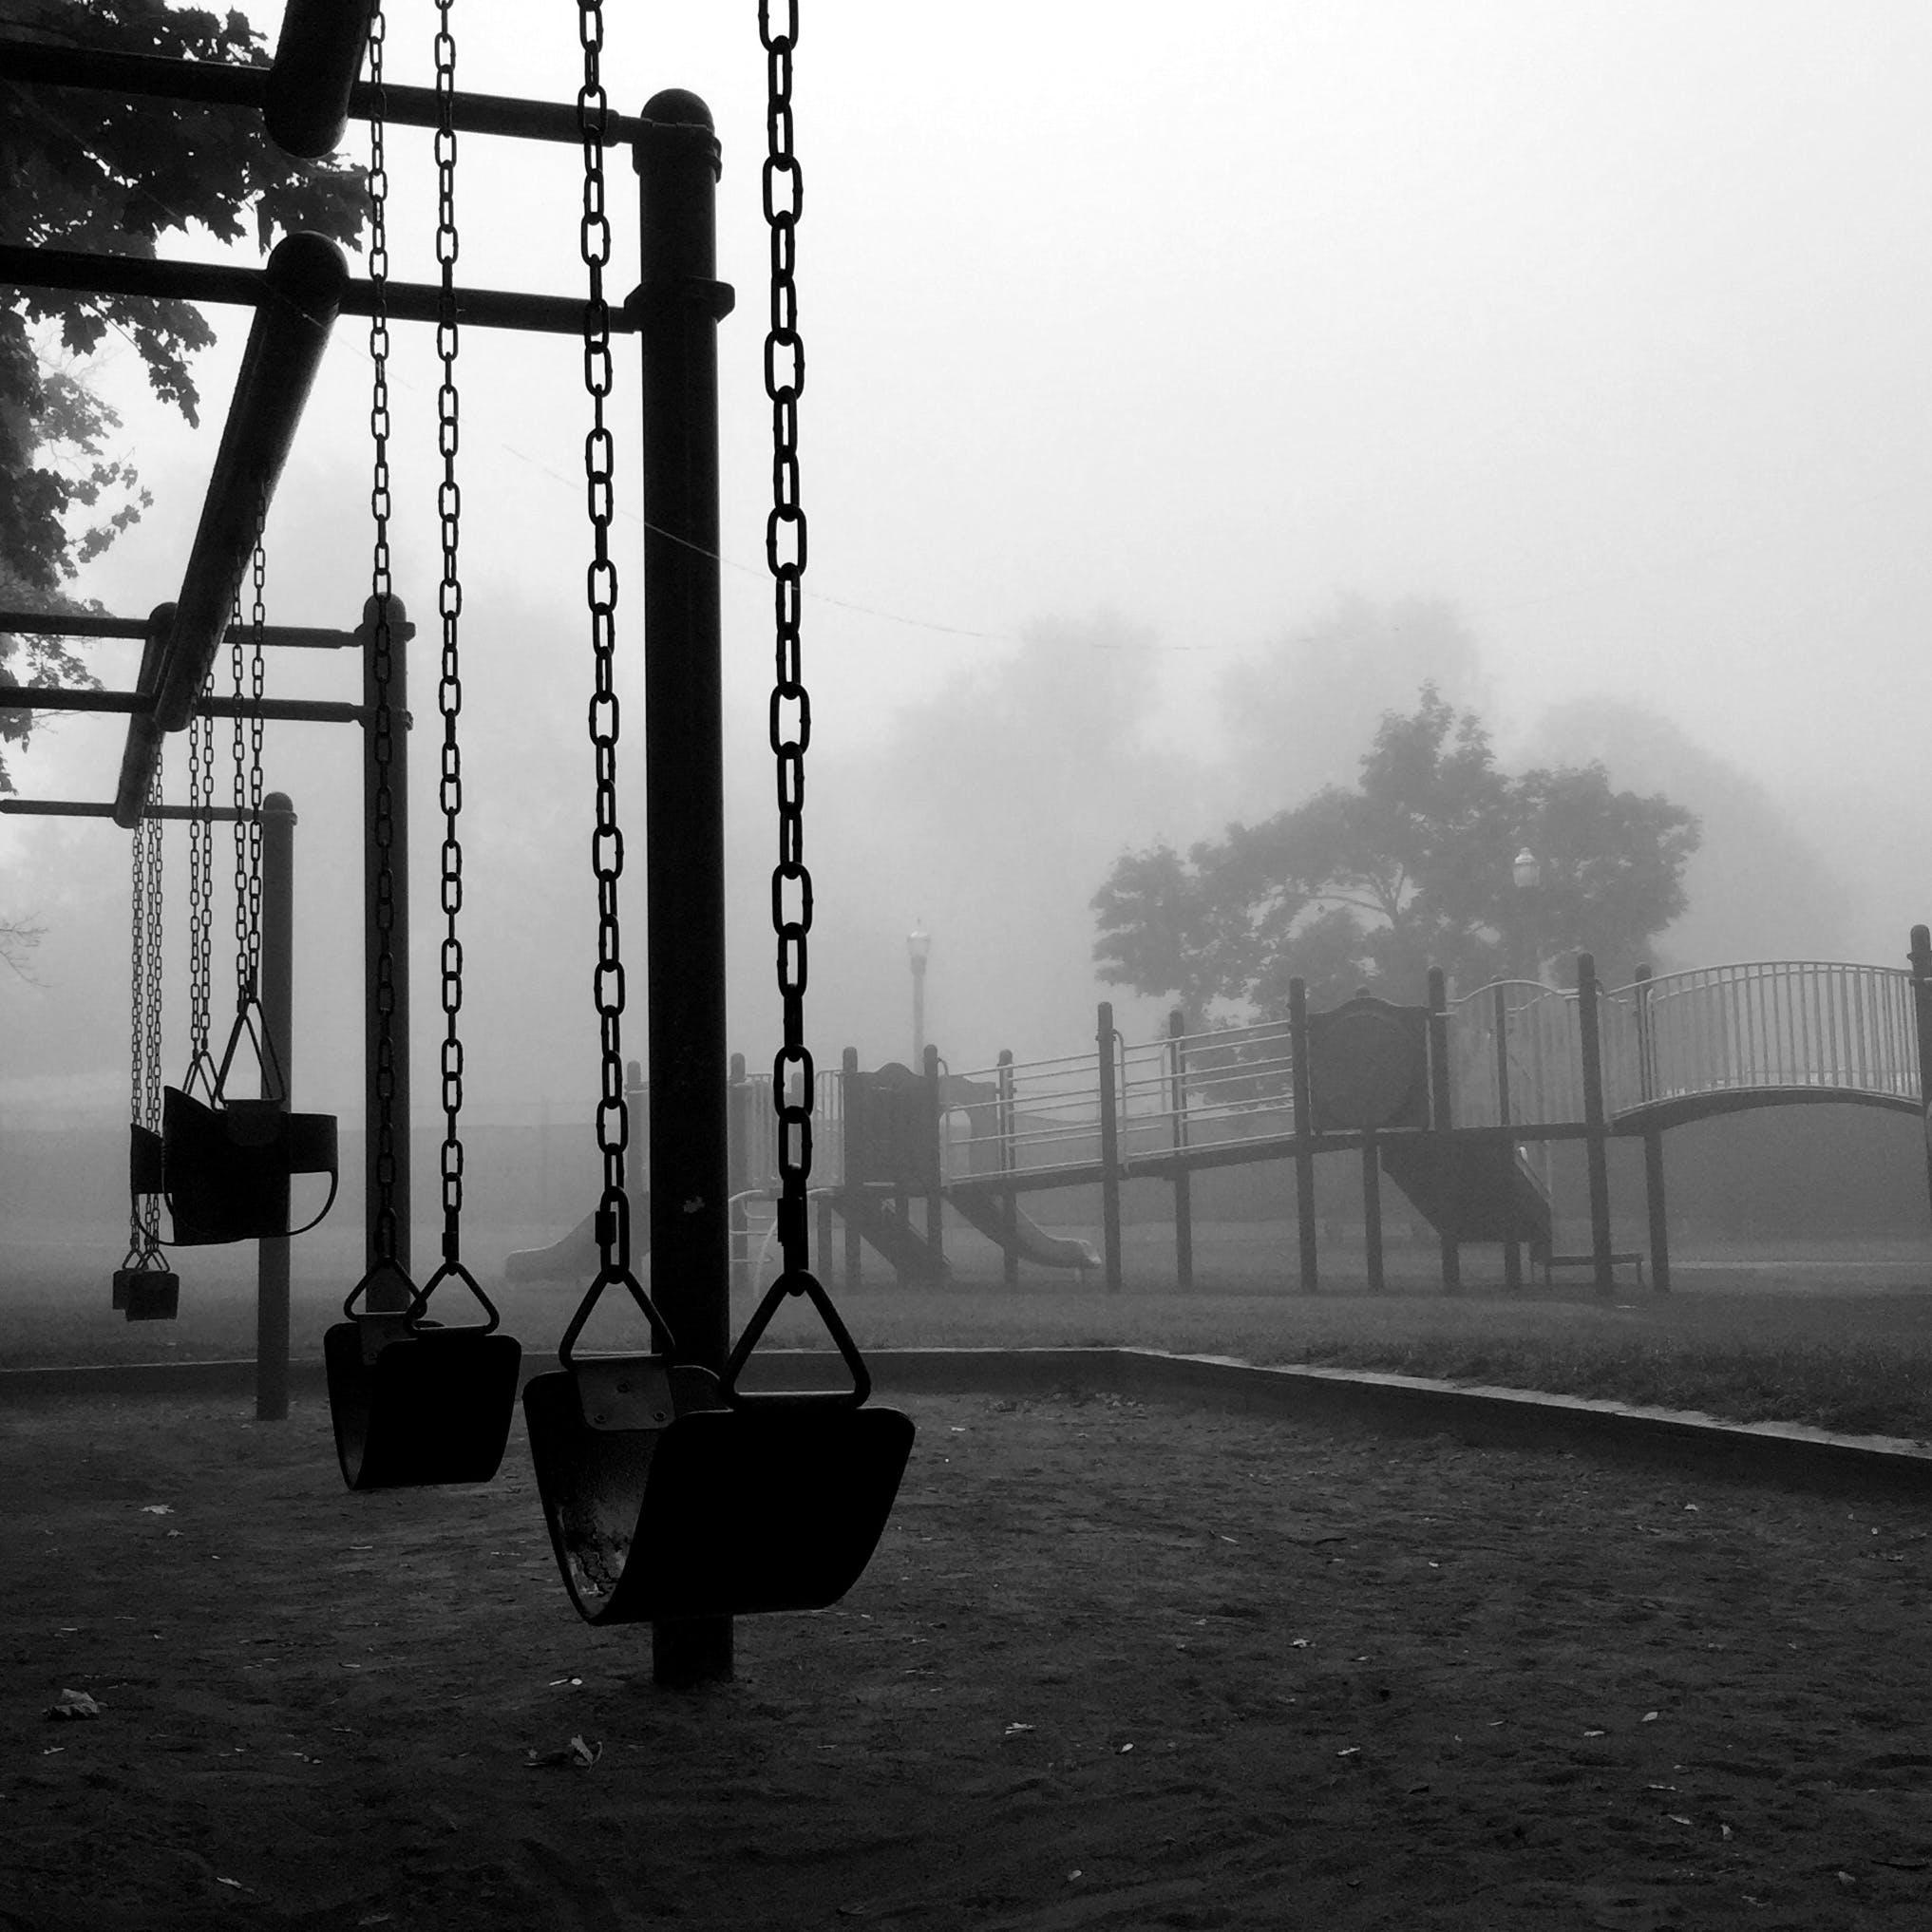 Black Metal Swing